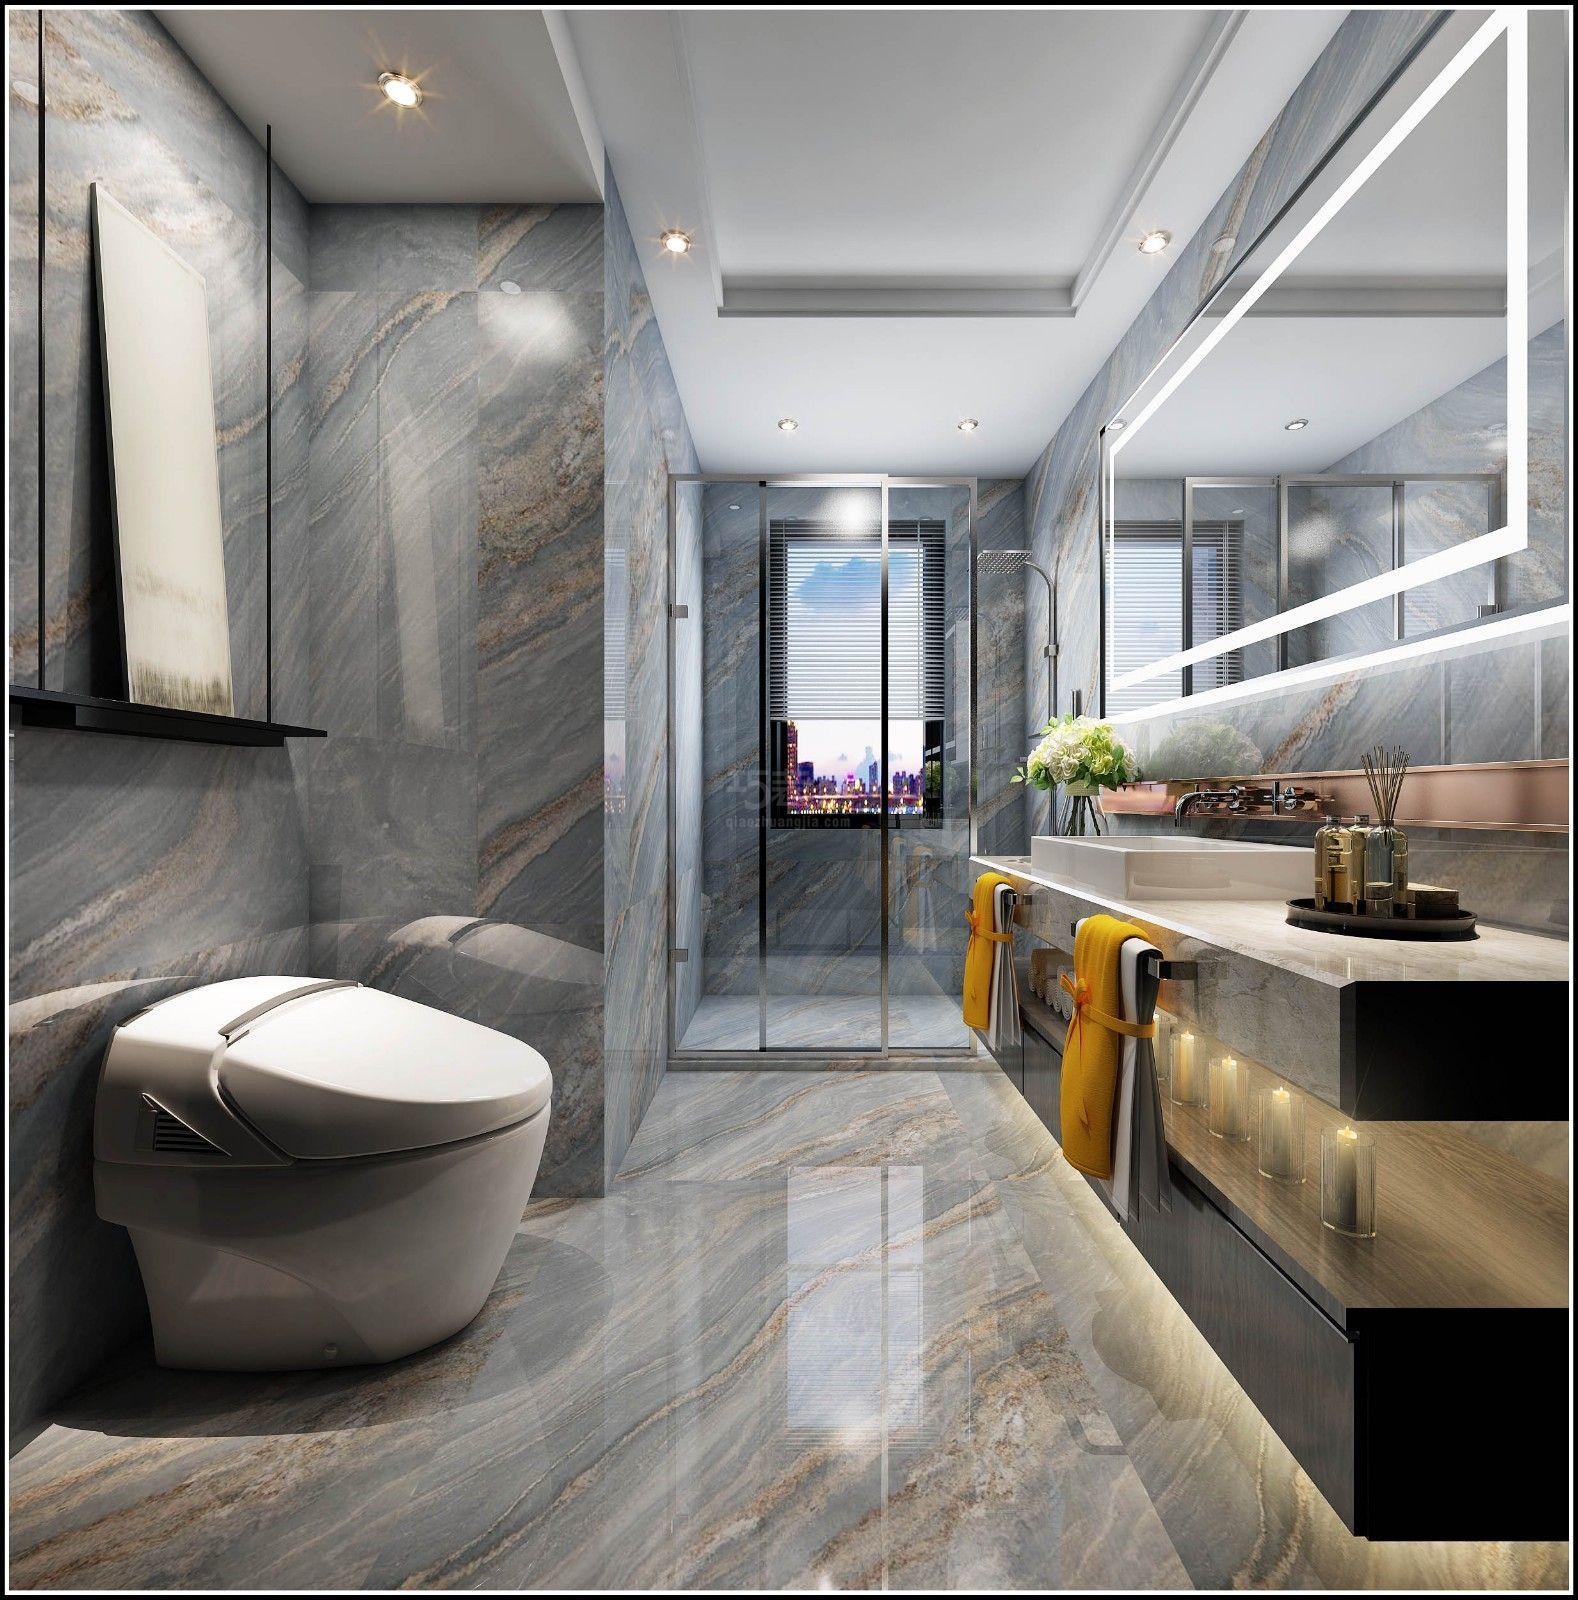 设计说明(预约:182-9186-6197)新中式风格中的家具:大多是古典家具或者是现代家具与古典家具想结合。 家具的颜色:主要是以深色为主,有深厚沉稳的底蕴。 装饰造型:主要采用硬朗简洁的直线条,空间具有层次感。既使得中式家具古典、质朴的内涵显现,又符合现代人追求的时尚感、实用性。 ?